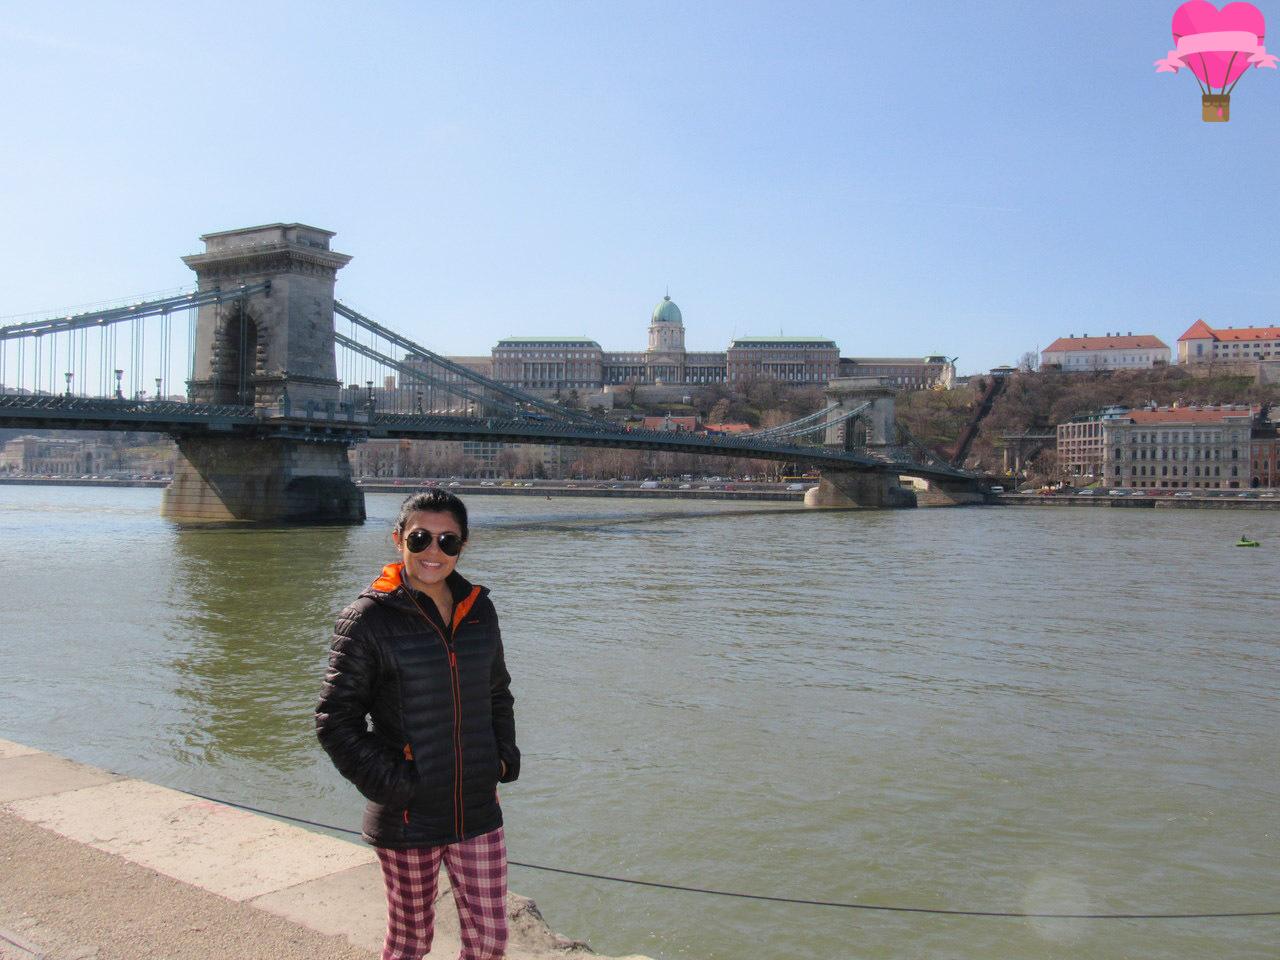 ponte-correntes-budapeste-hungria